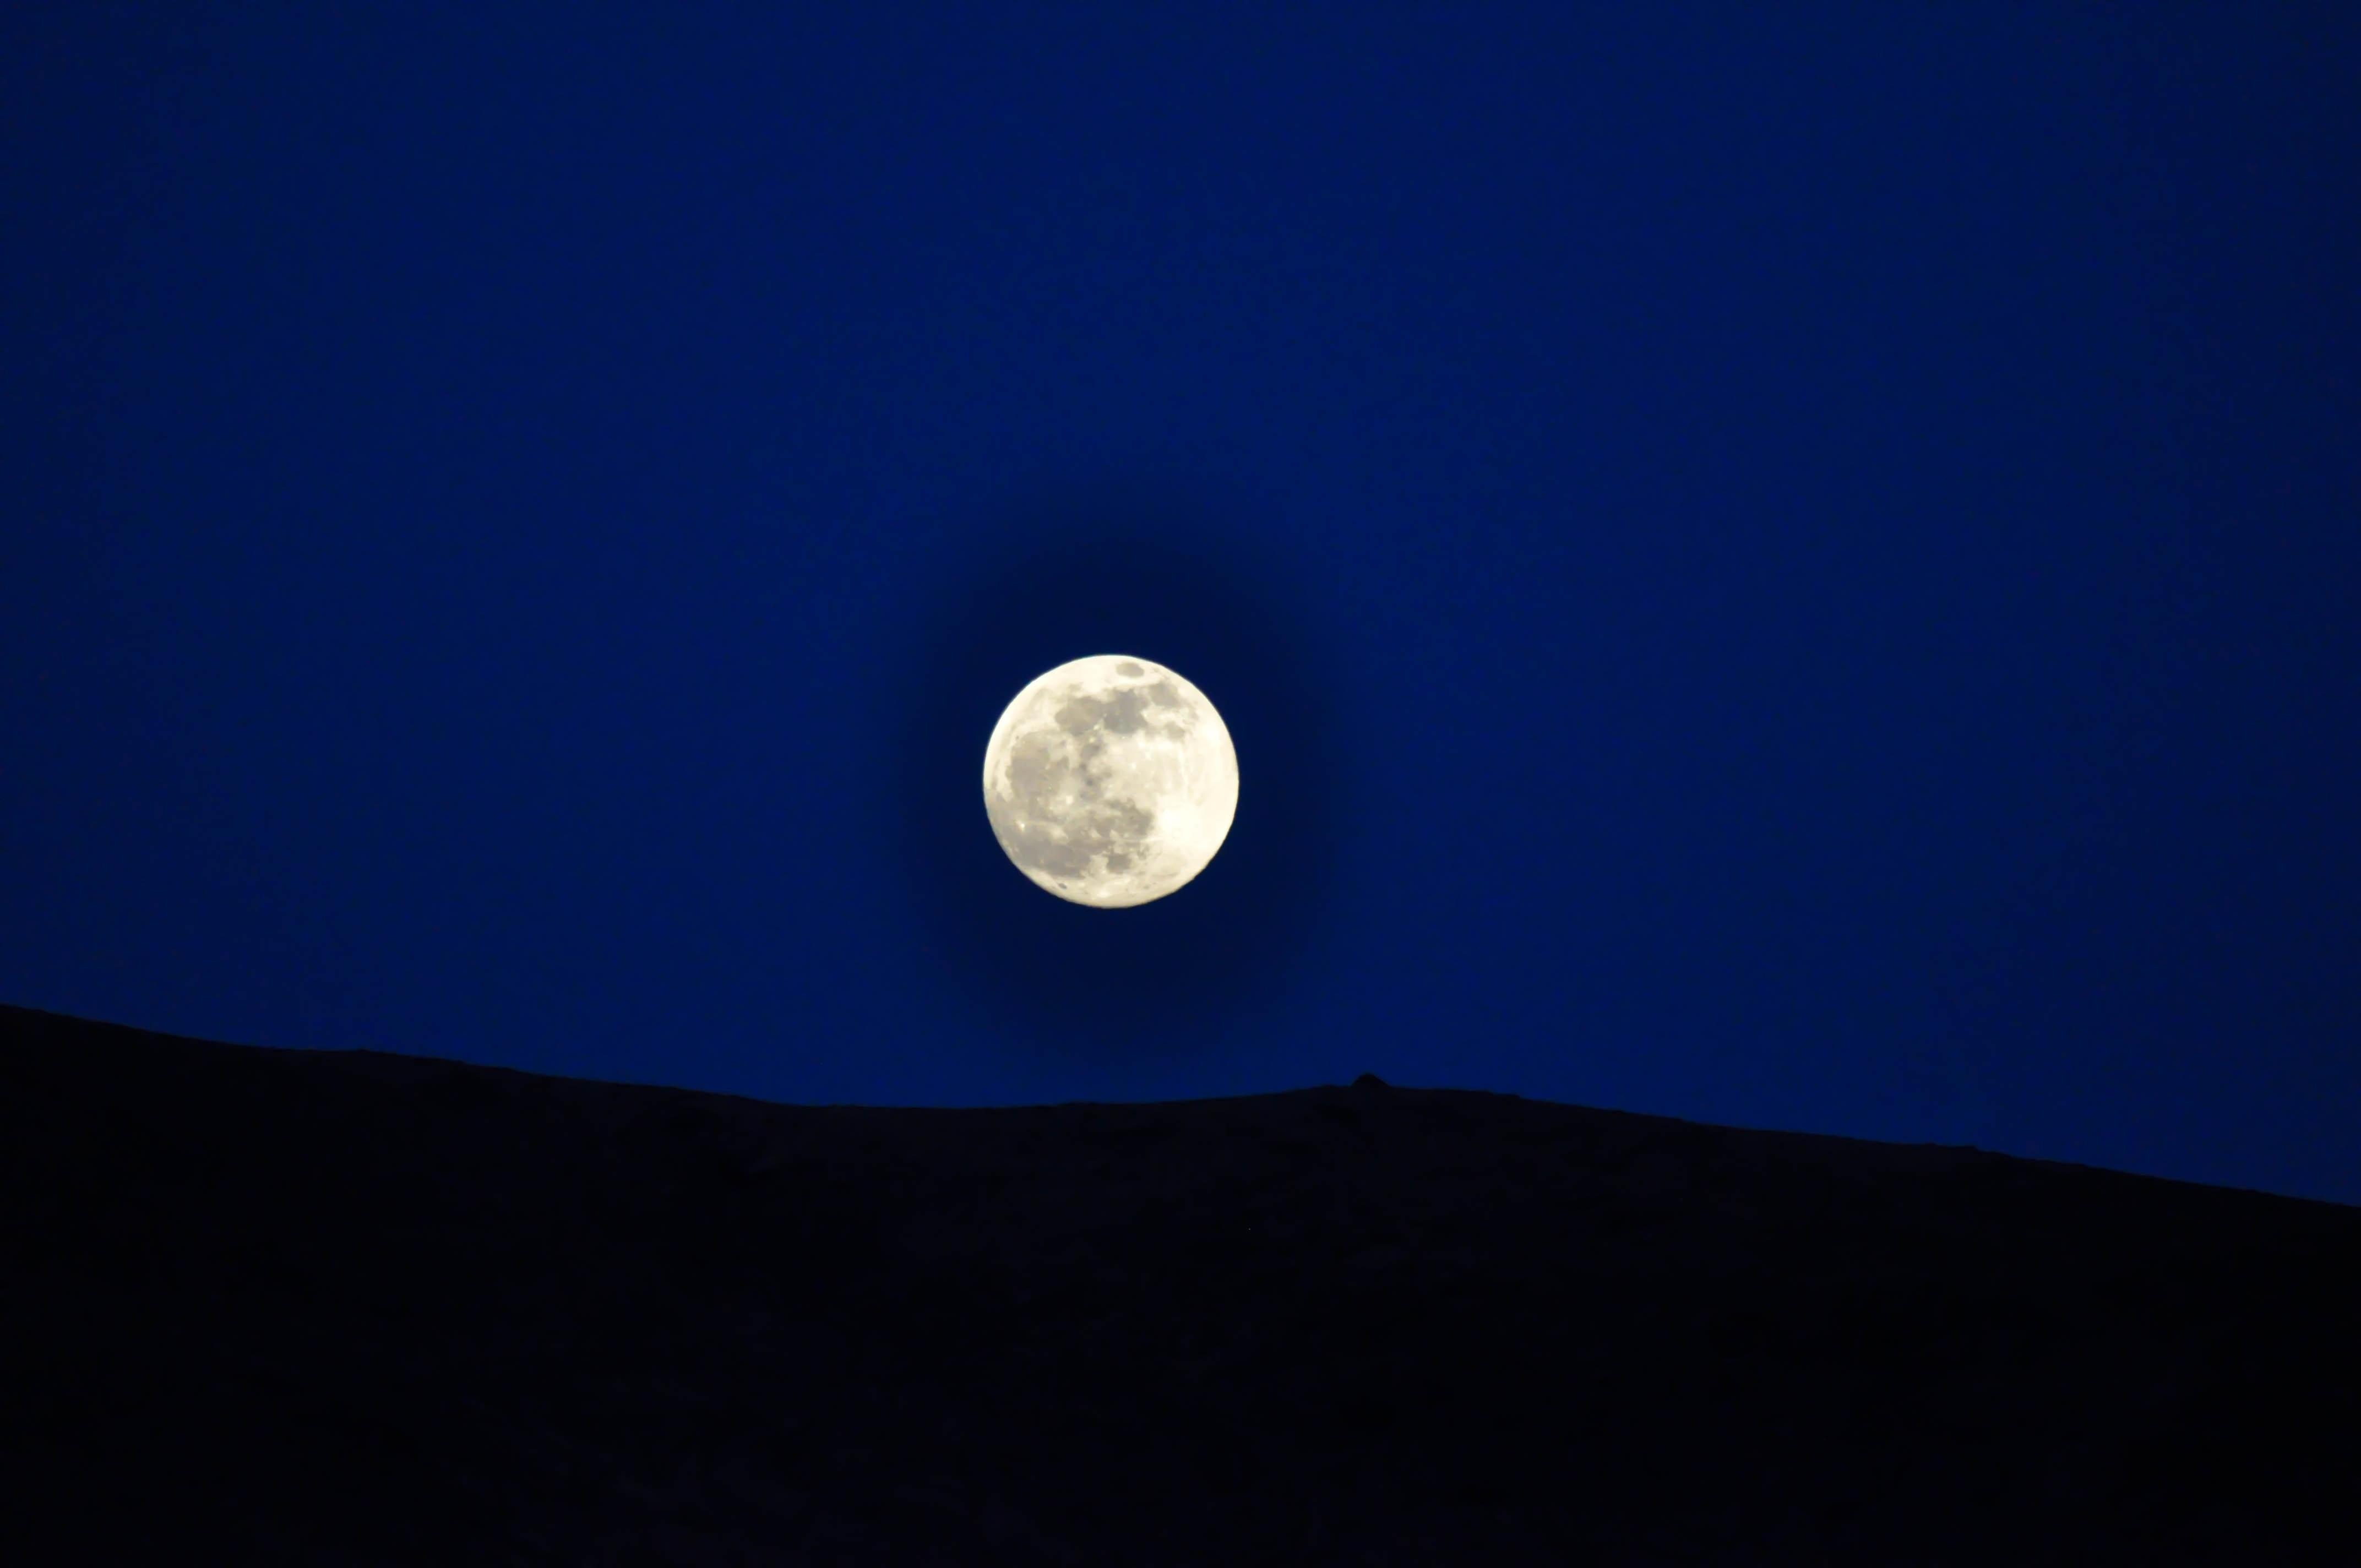 Exceptionnel Images Gratuites : lumière, ciel, nuit, atmosphère, pleine lune  RQ63